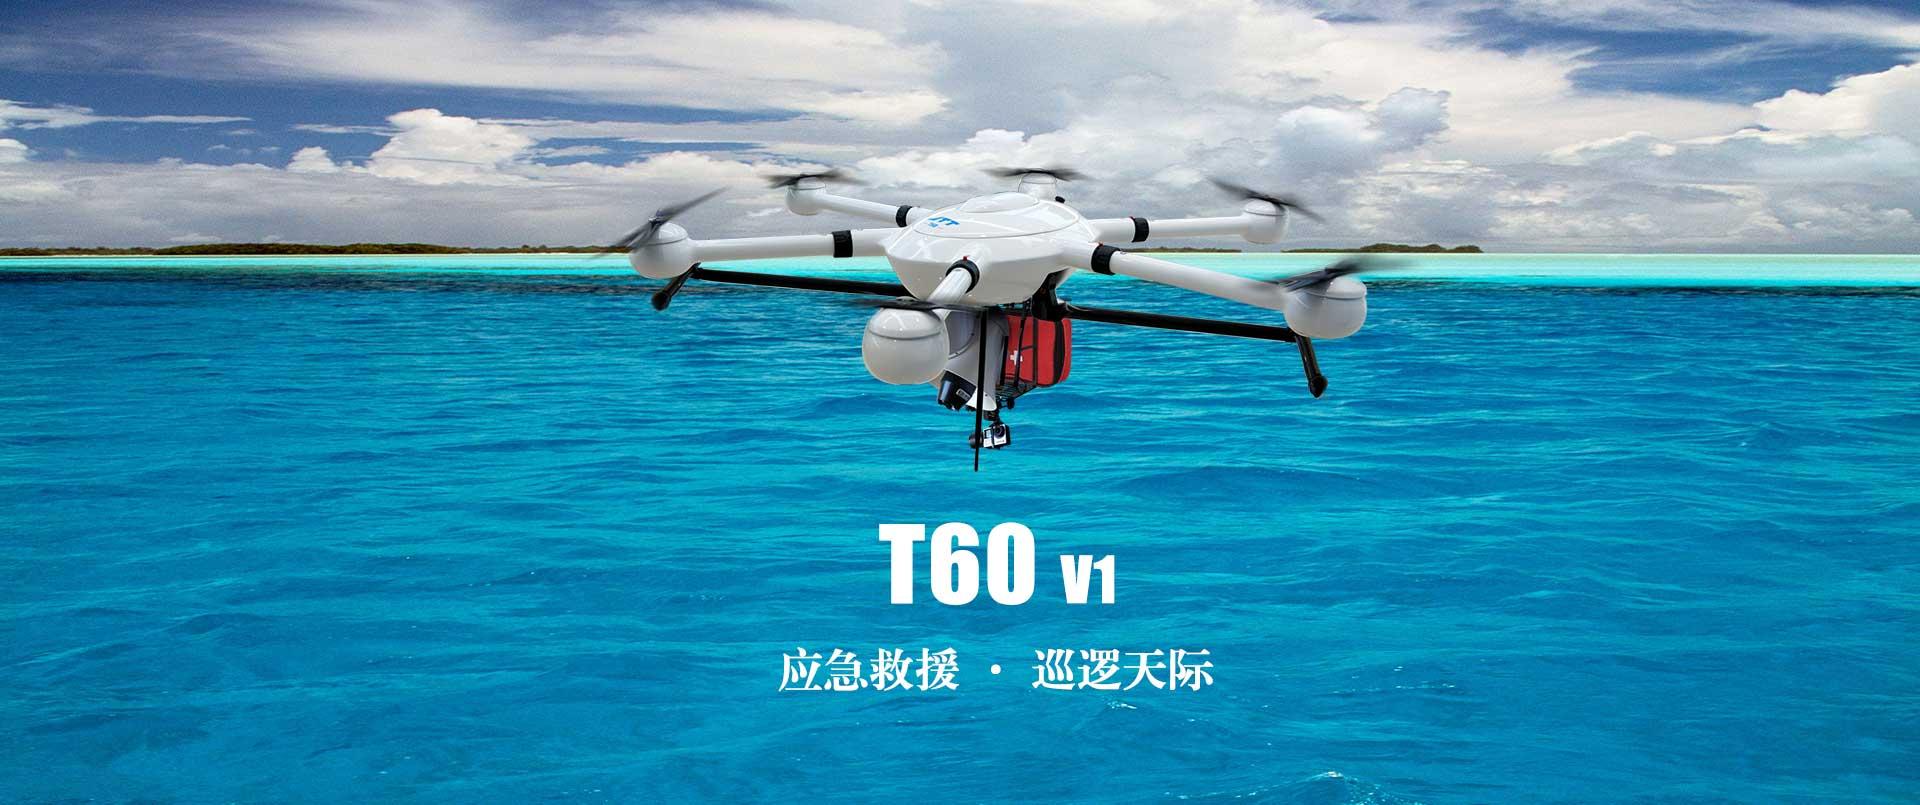 T60 V1